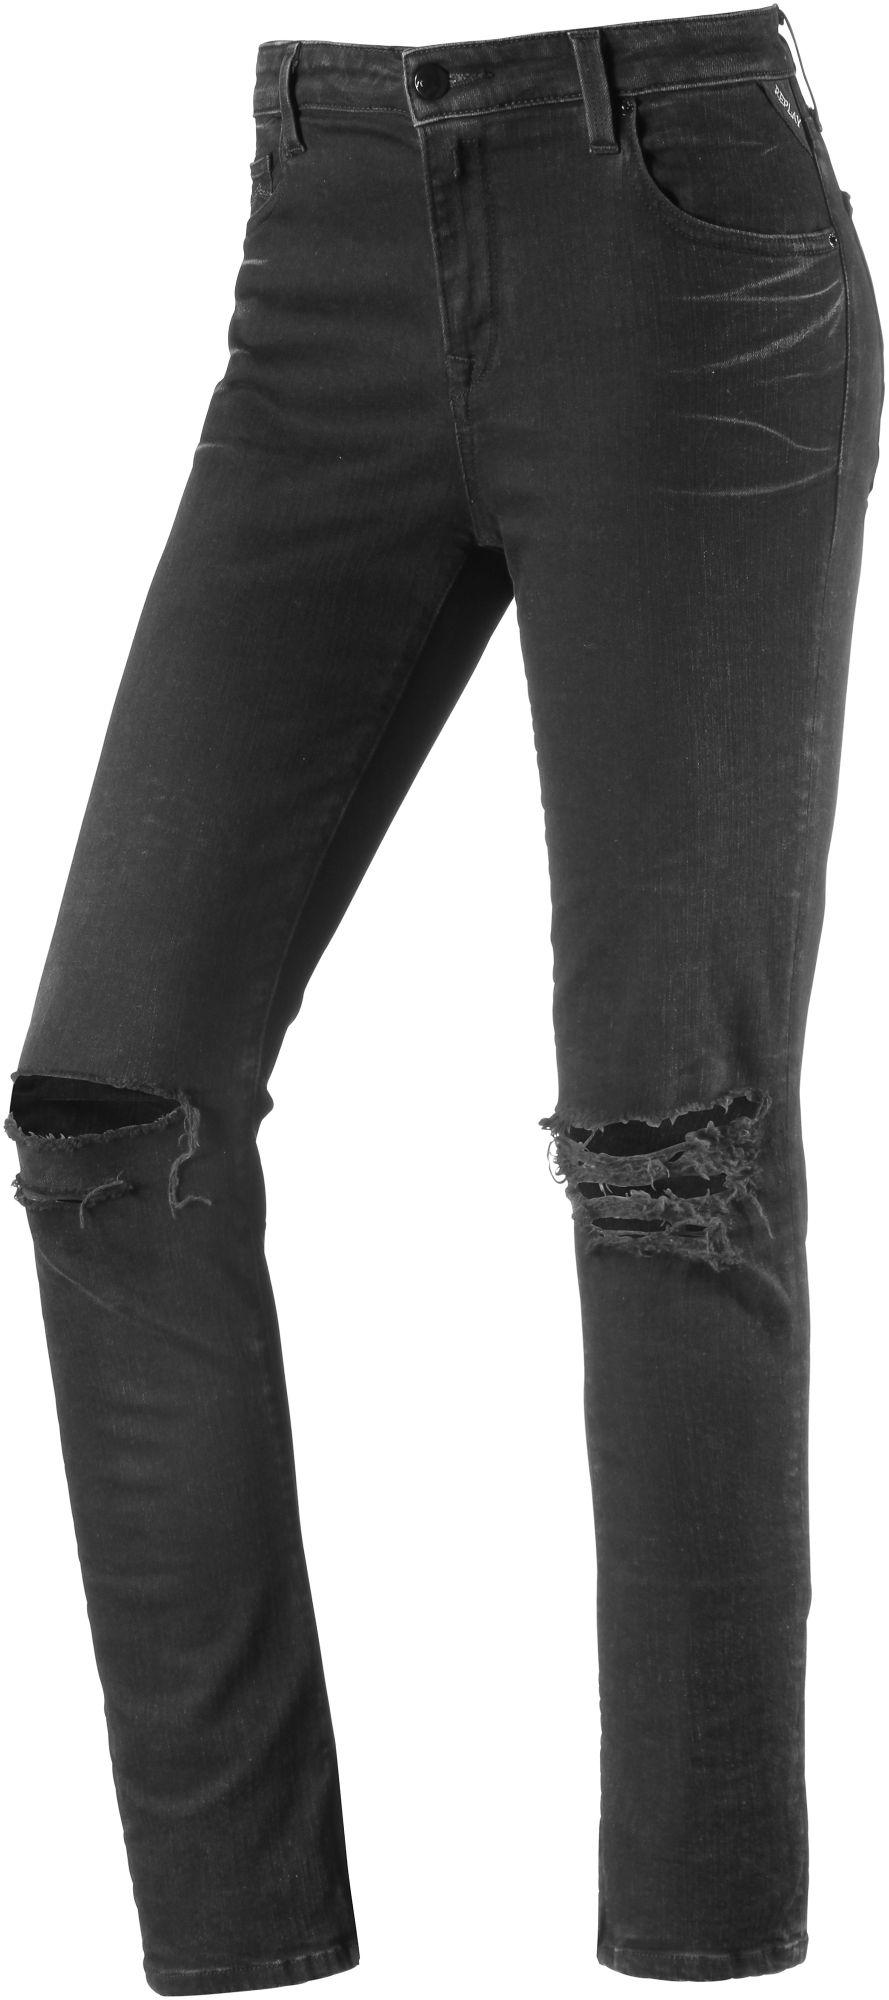 Cherilyn Skinny Fit Jeans Damen in black destroyed denim, Größe 28 / 30